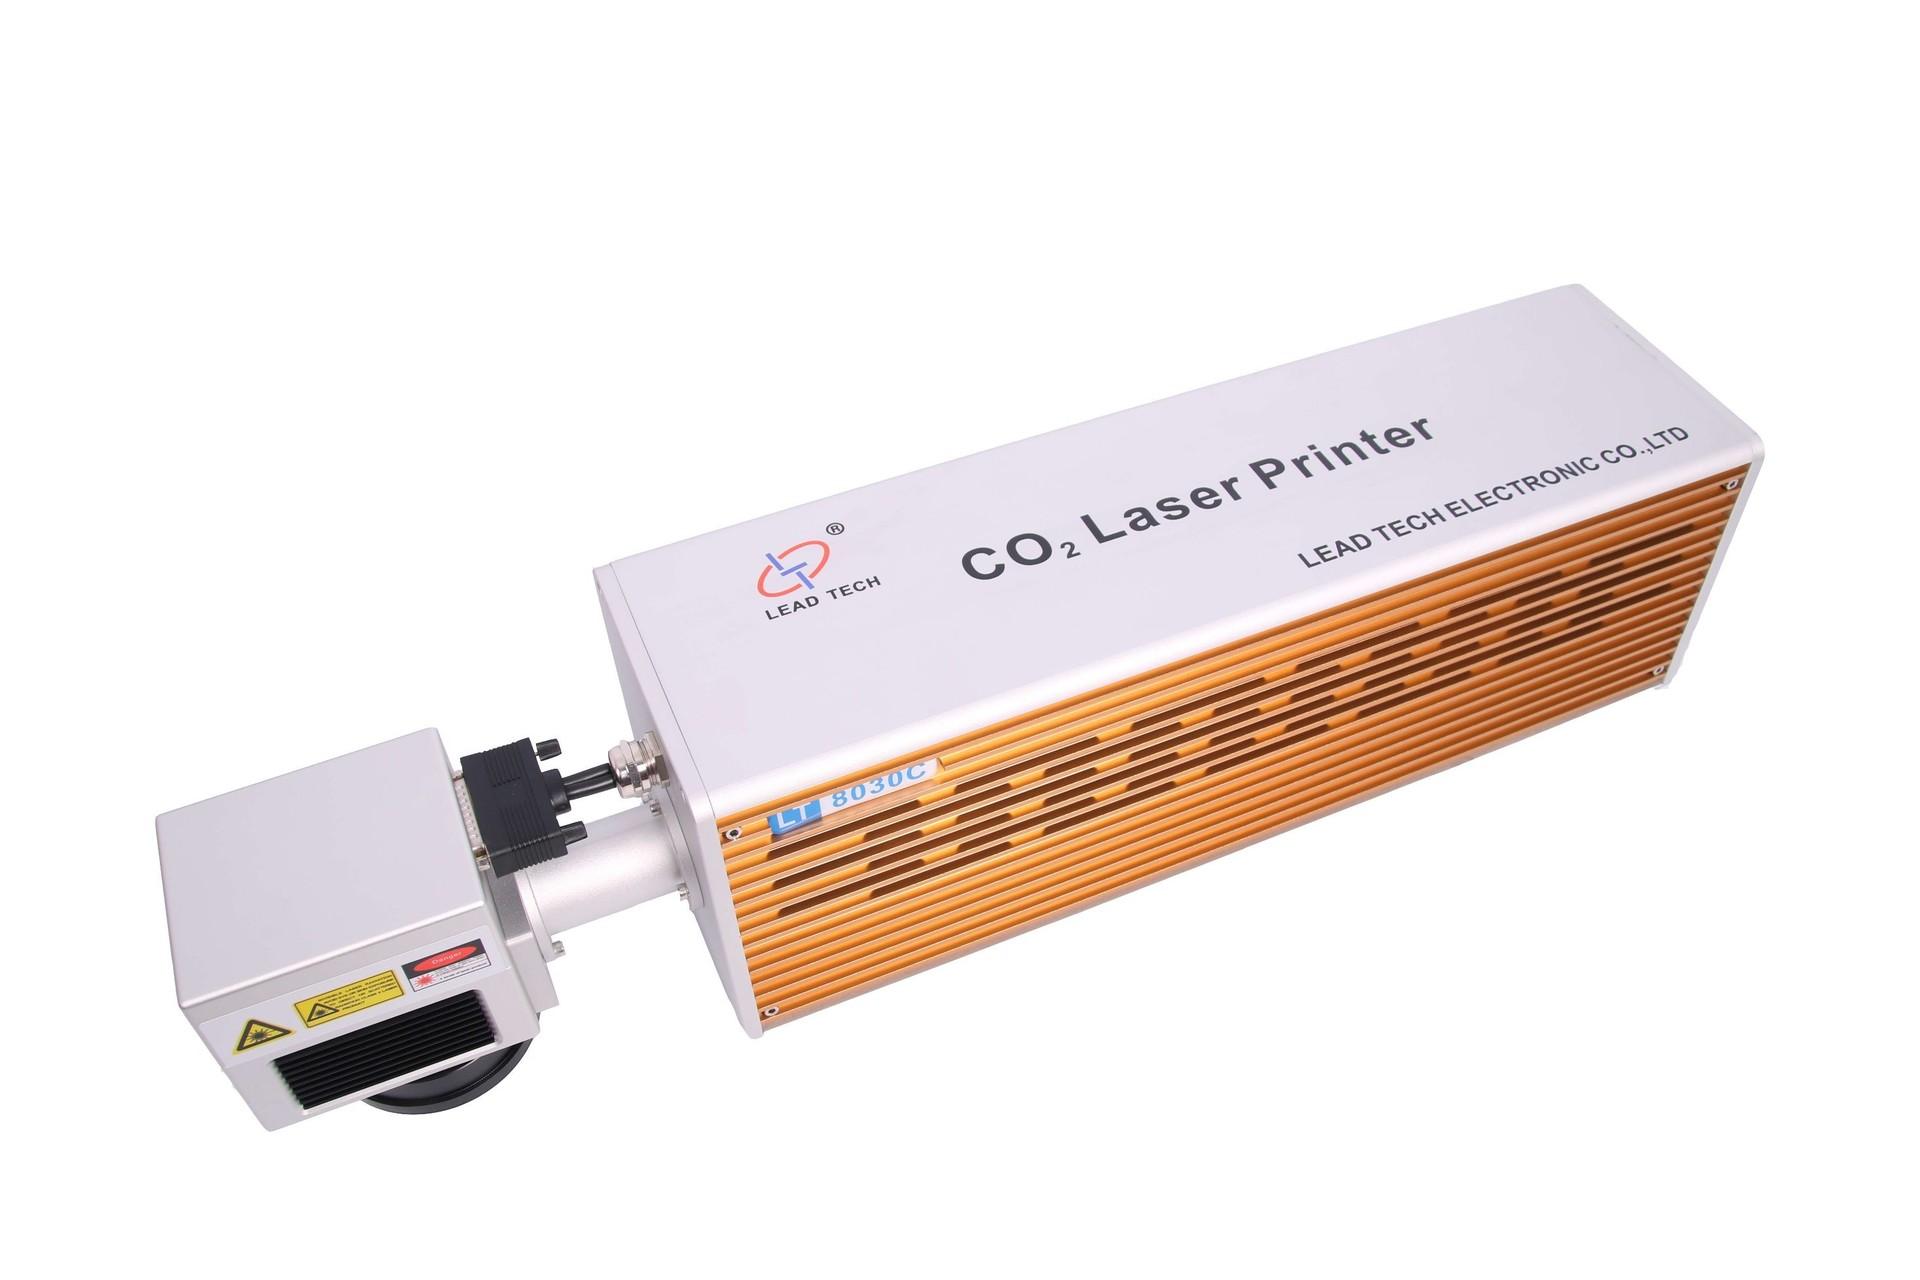 Lt8015c/Lt8030c CO2 High Performance Economic Pet Bottles Laser Inkjet Printer